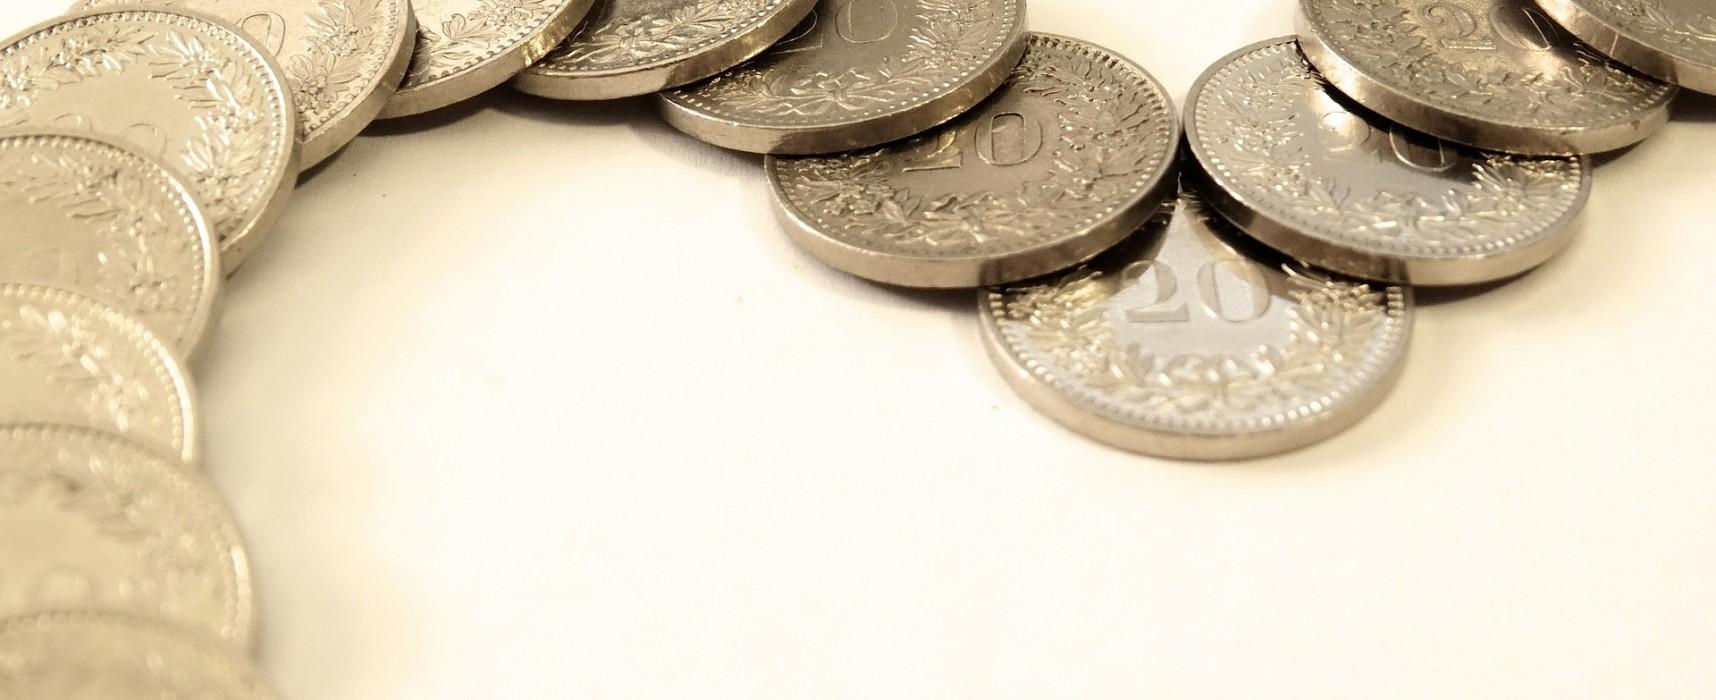 Die provisorischen Gemeindesteuerrechnungen 2015 werden vorbereitet